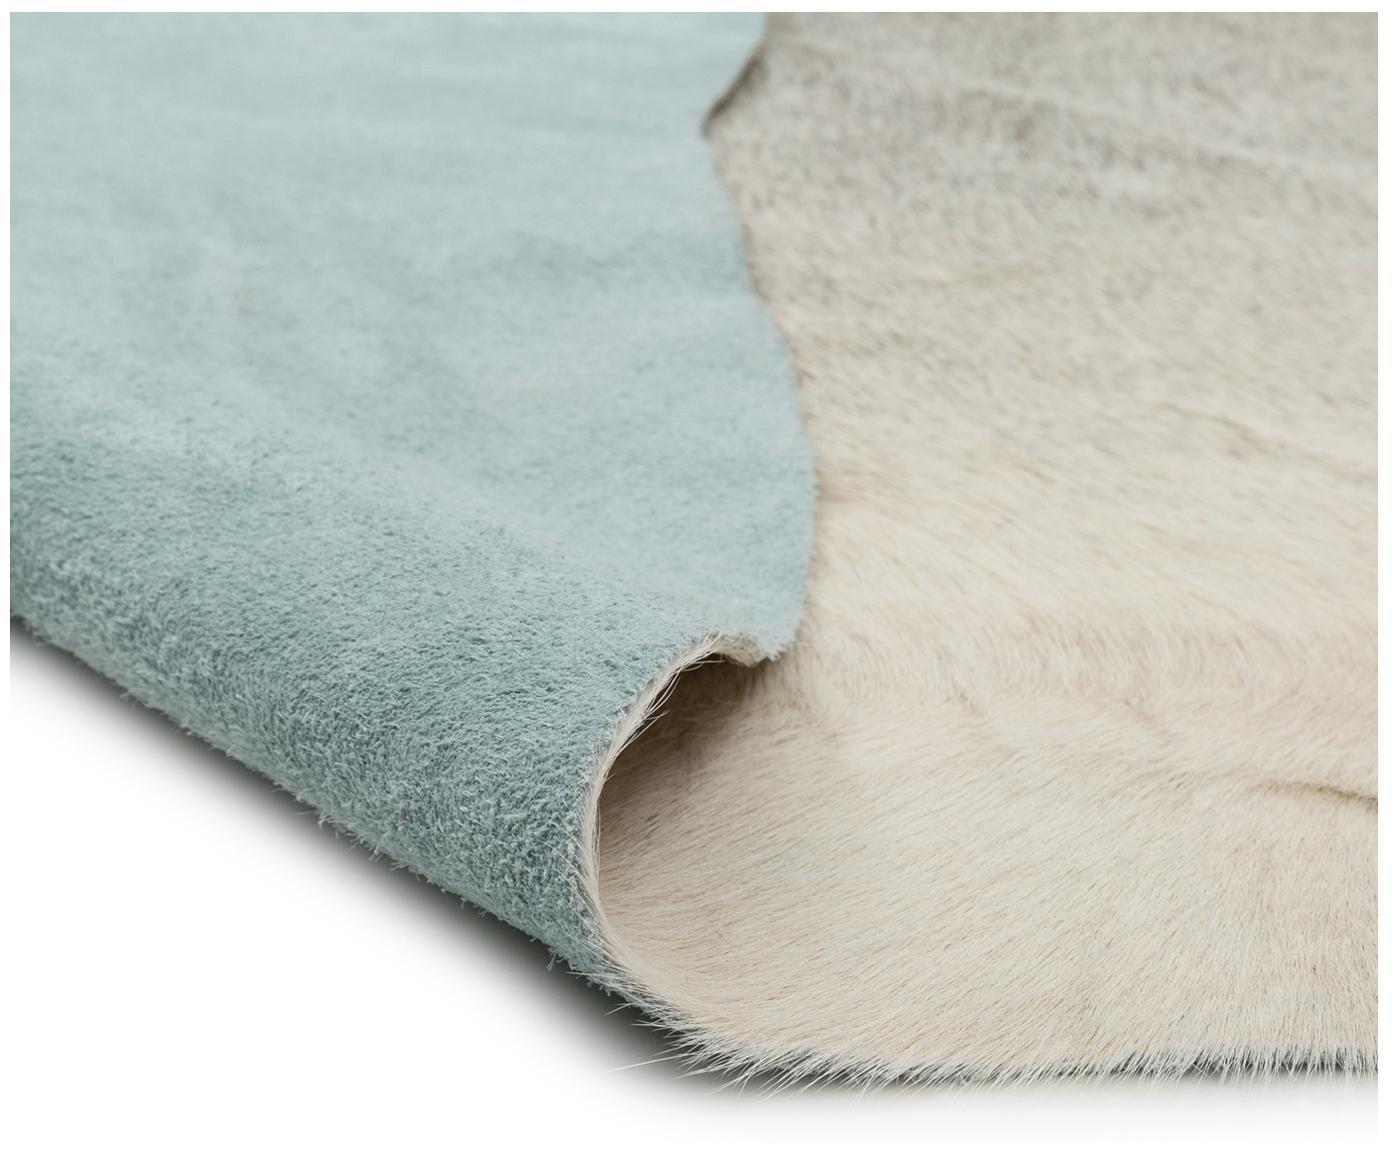 Tappeto in pelle di mucca Anna, Pelle di mucca, Bianco, beige, Pelle di mucca unica 1090